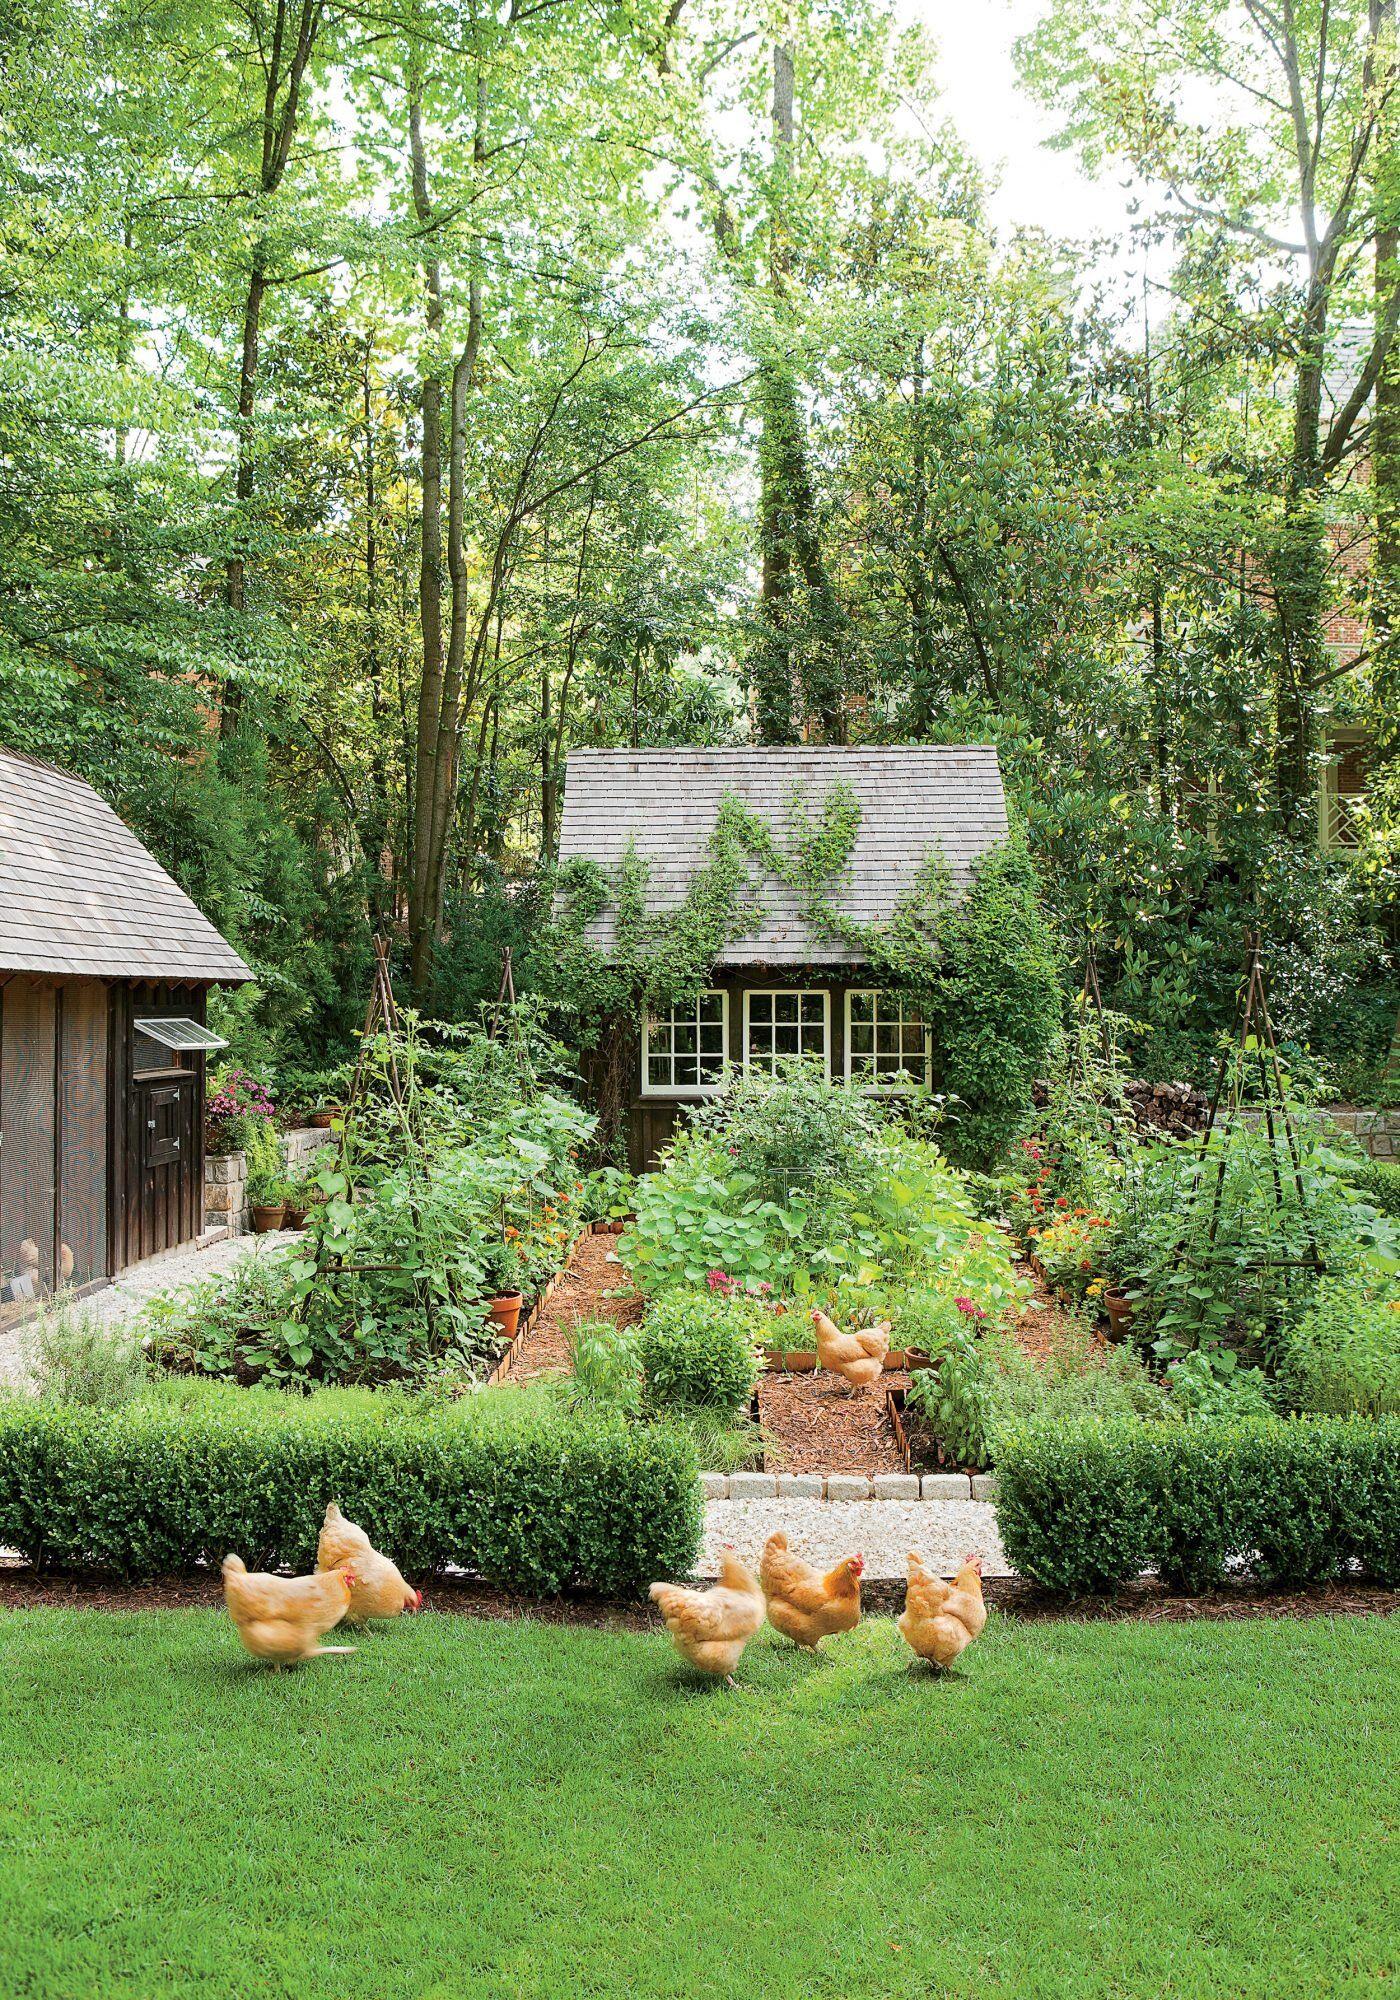 Dream Garden It Even Has A Chicken Coop Dream Garden Big Garden Cottage Garden